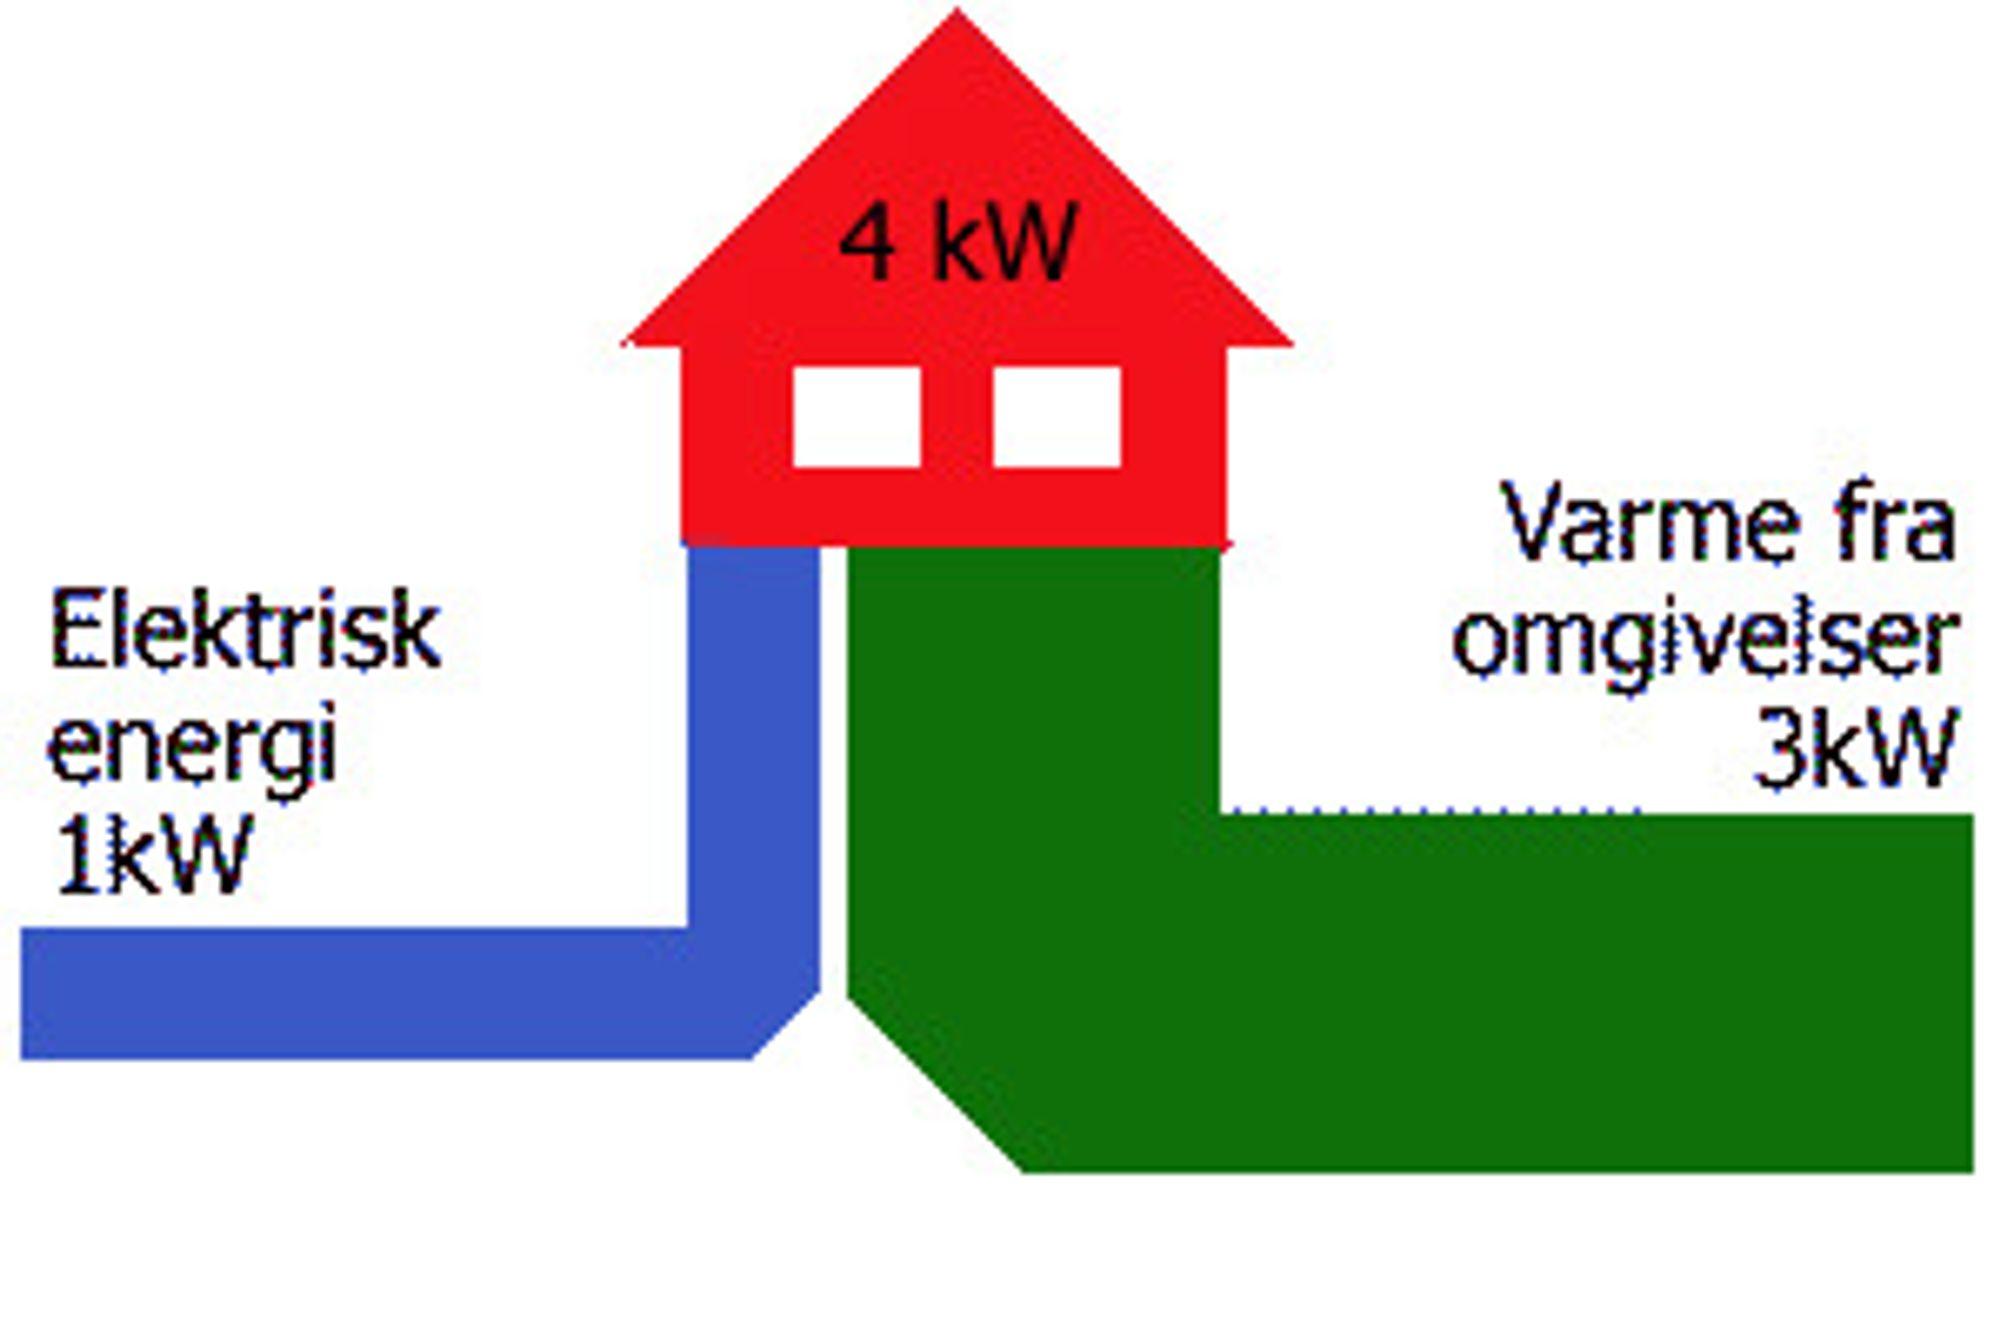 Velger du riktig varmepumpe, installerer korrekt og kvikksølvet ikke kryper alt for langt ned, kan du få opptil fire ganger så mye varmeenergi ut.